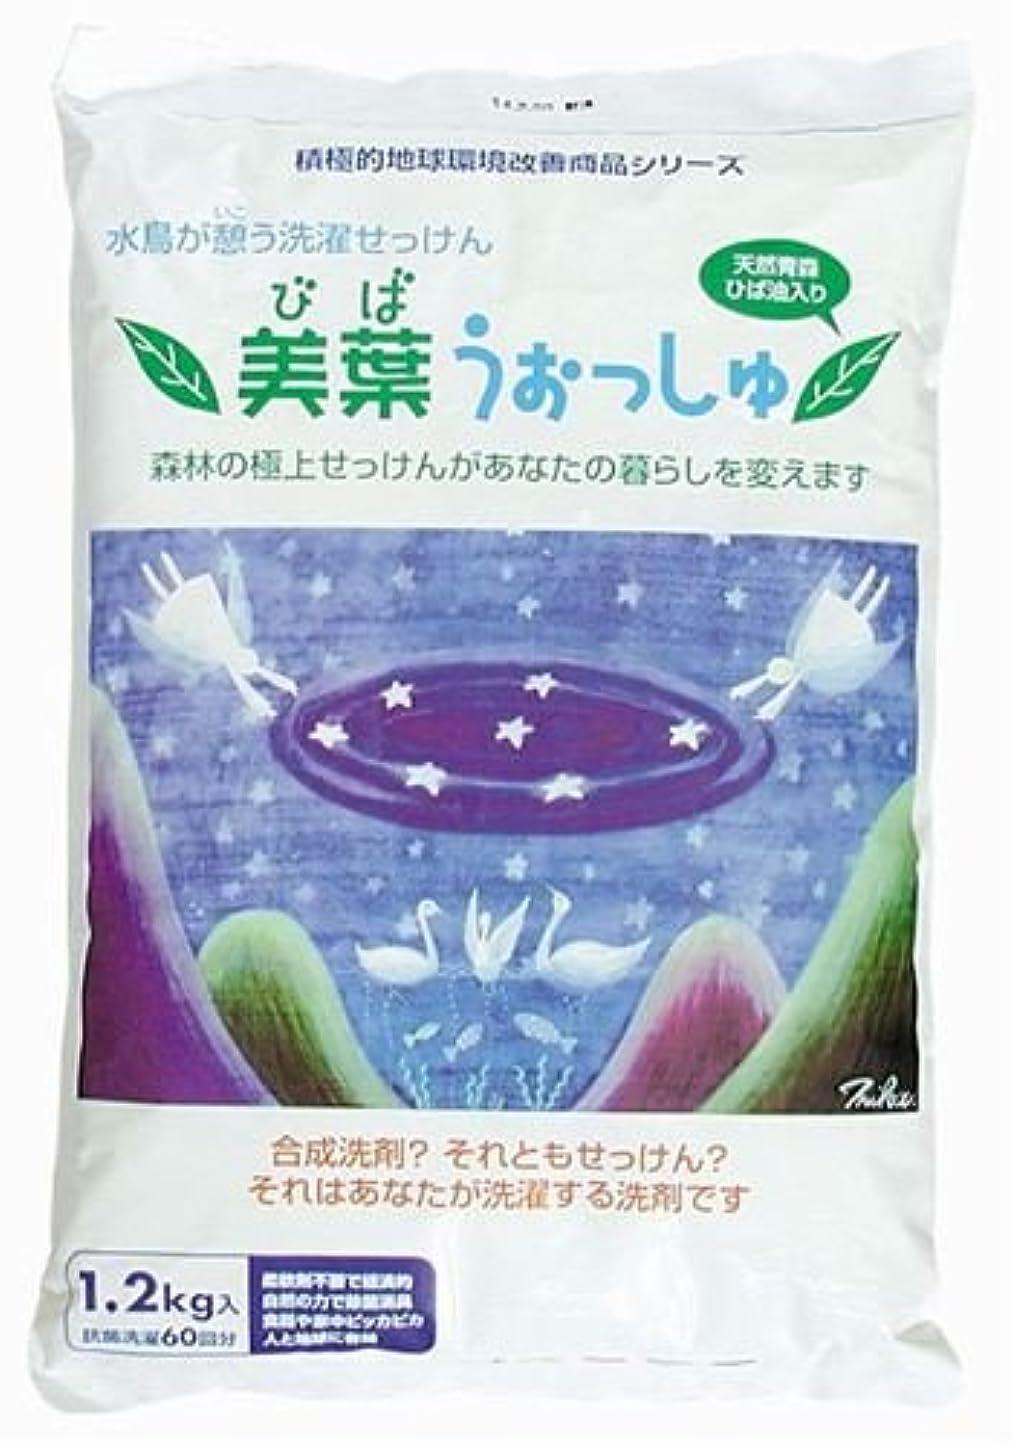 美葉うぉっしゅ(粉せっけん) 1.2kg